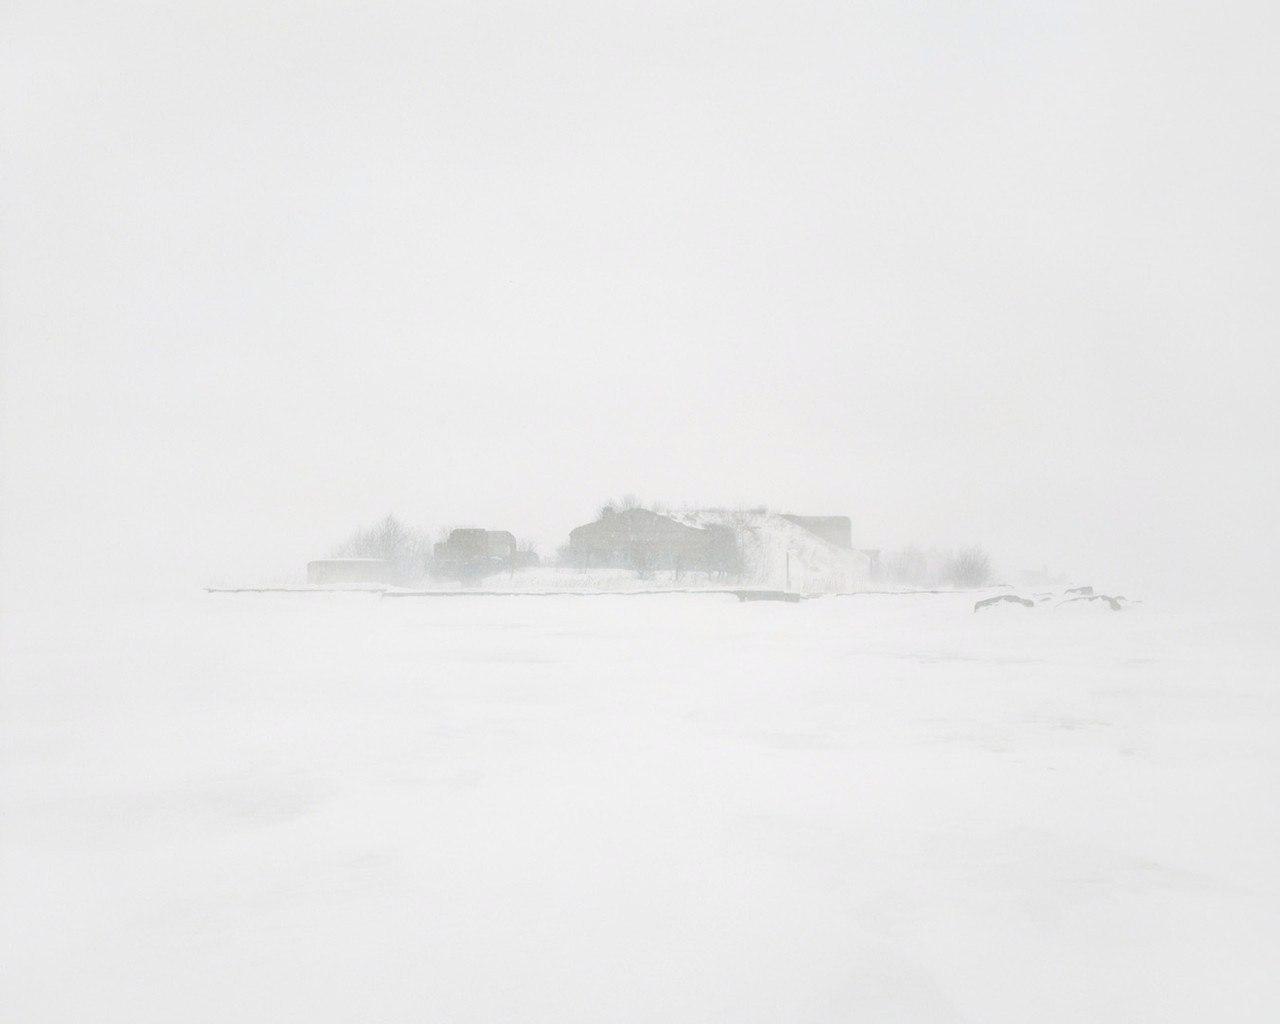 Бывшая военная база с подземным бункером на острове, Ленинградская область